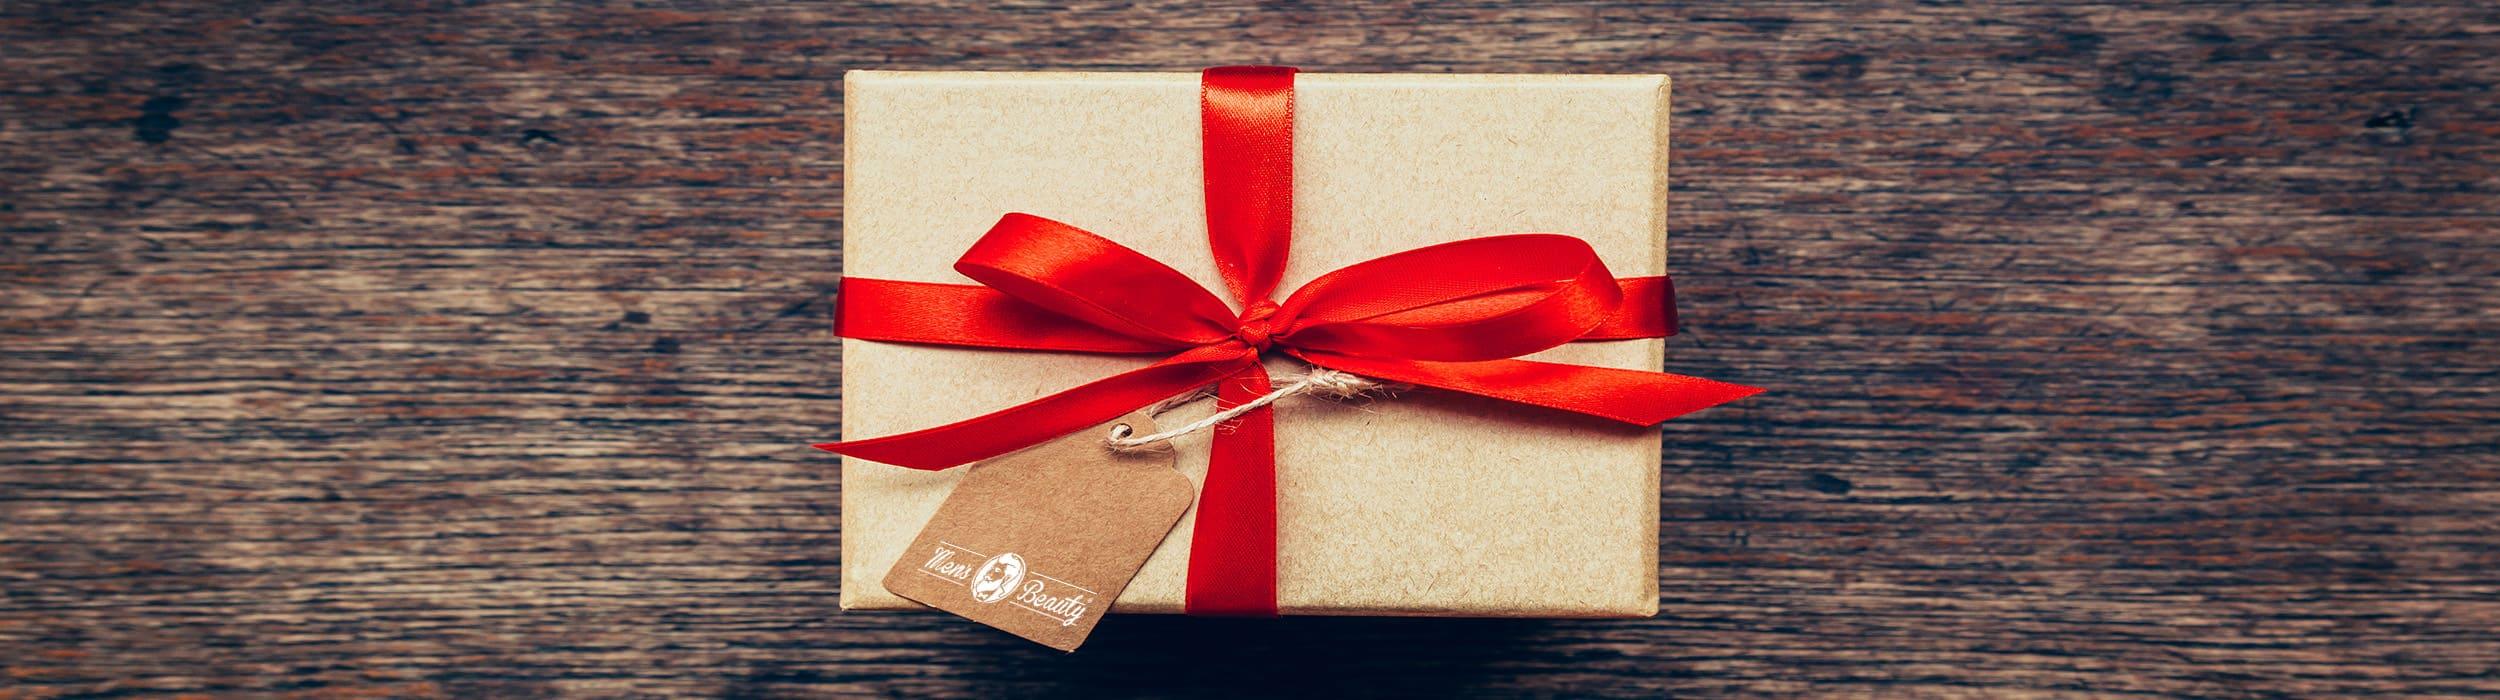 mejores regalos para hombres creativos originales baratos